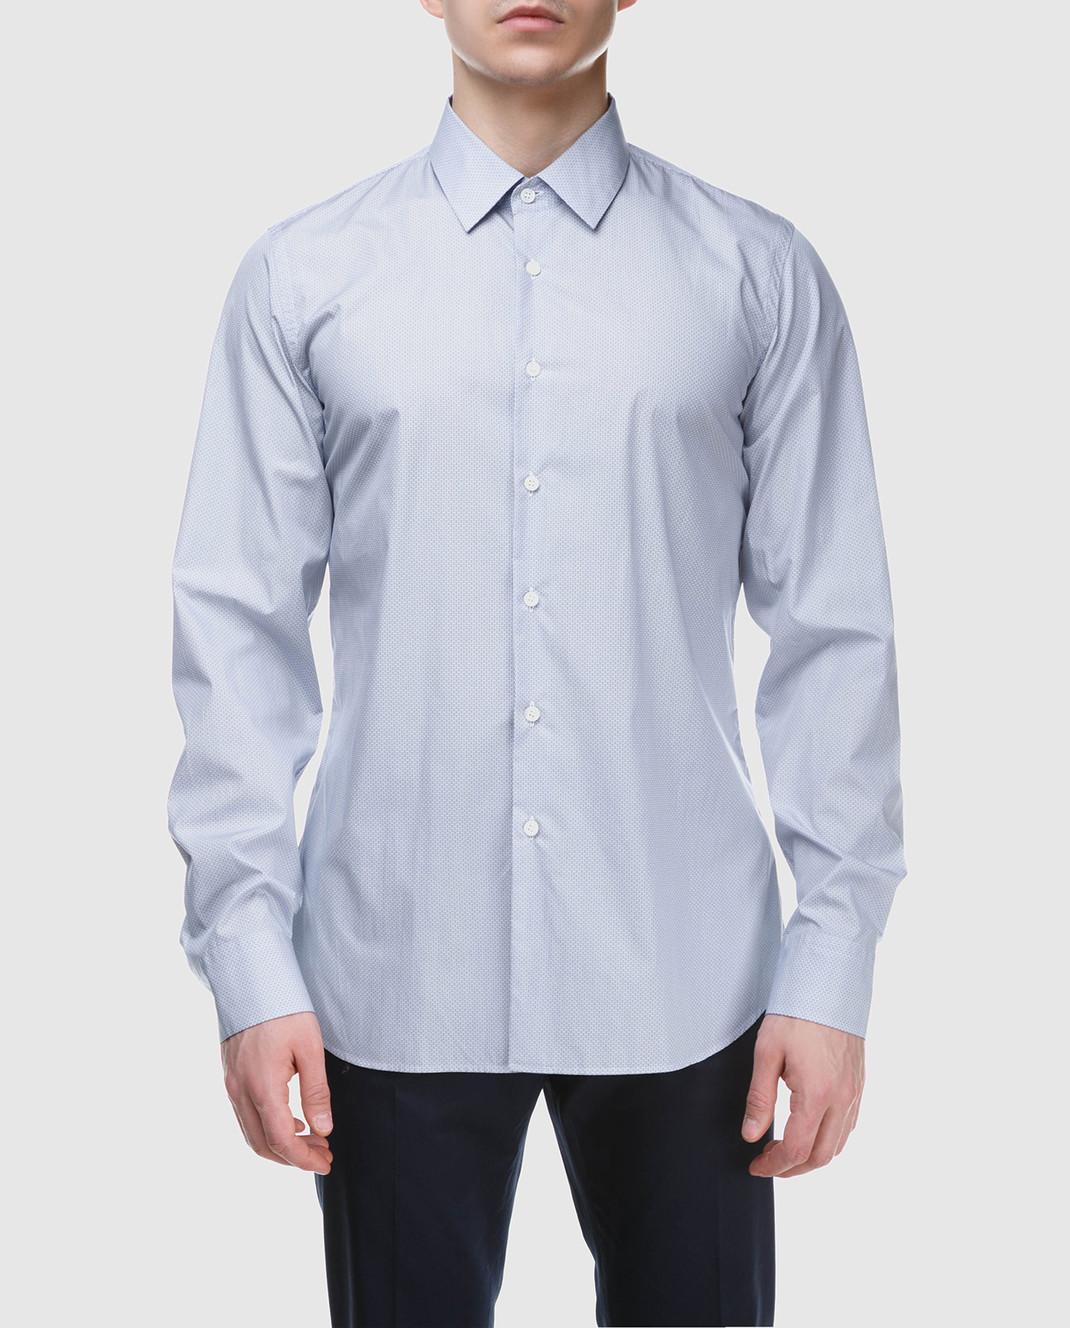 Prada Голубая рубашка UCM6081P9U изображение 3